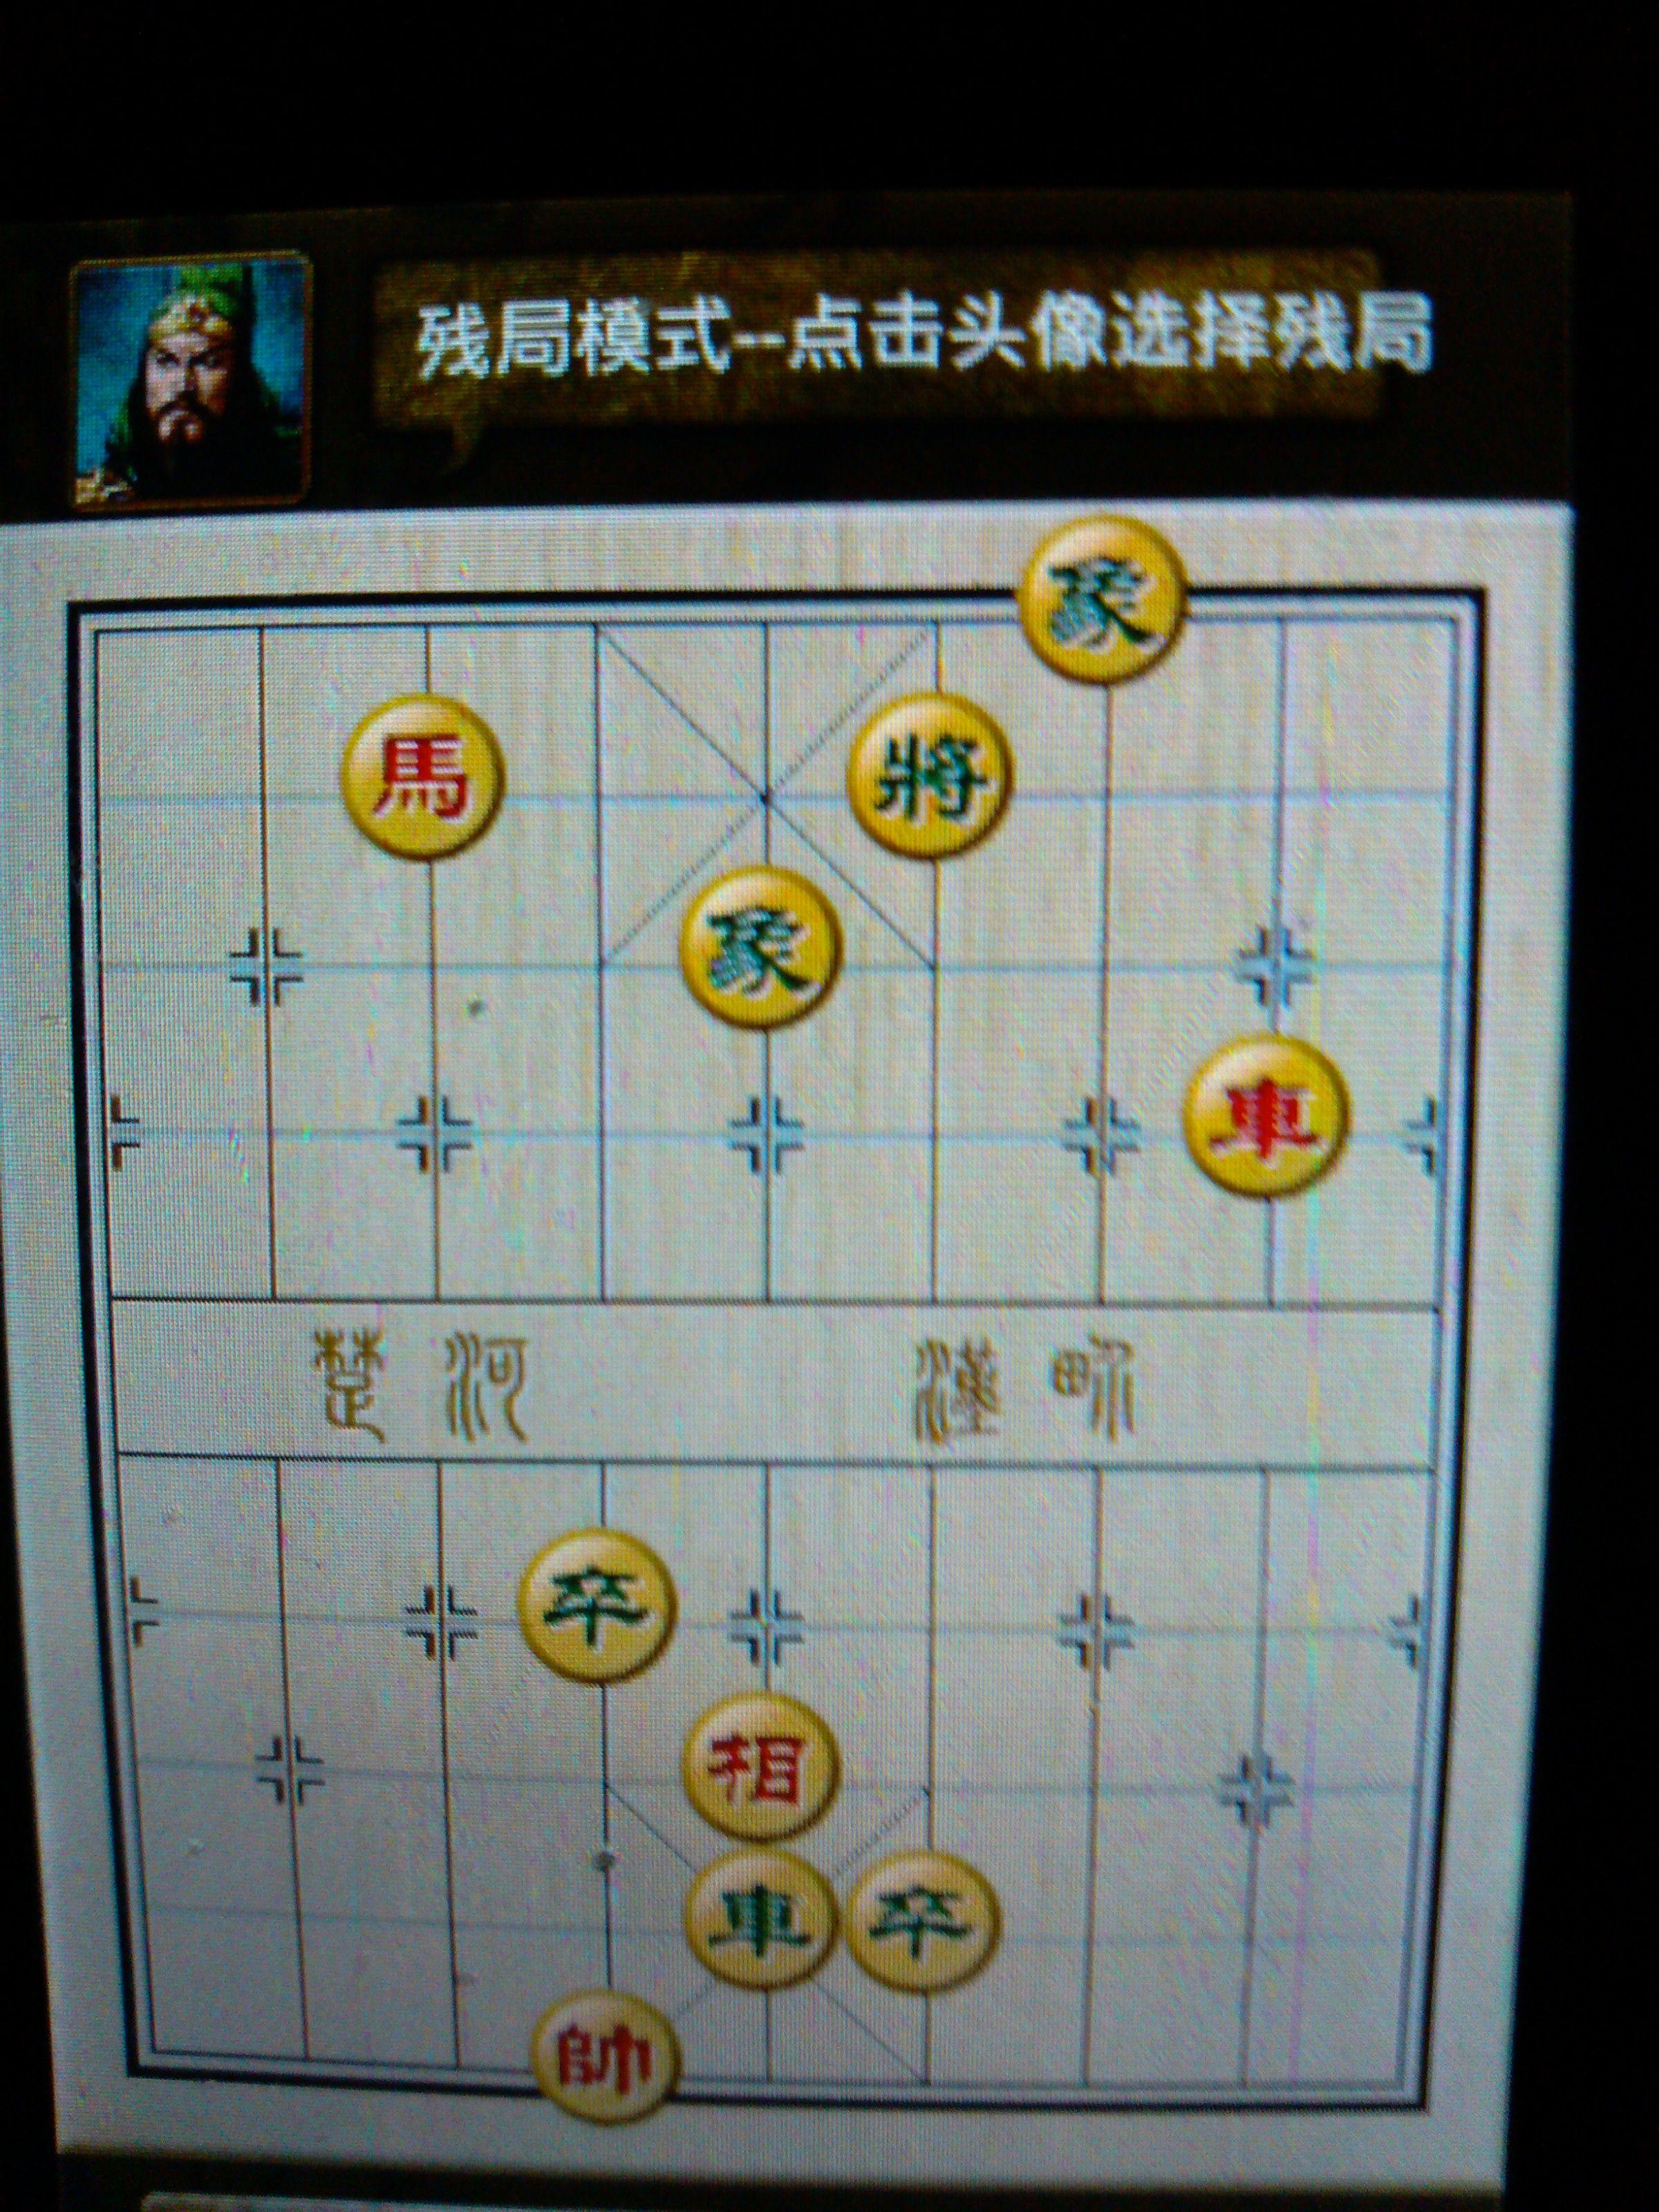 中国象棋棋谱看什么  933图片